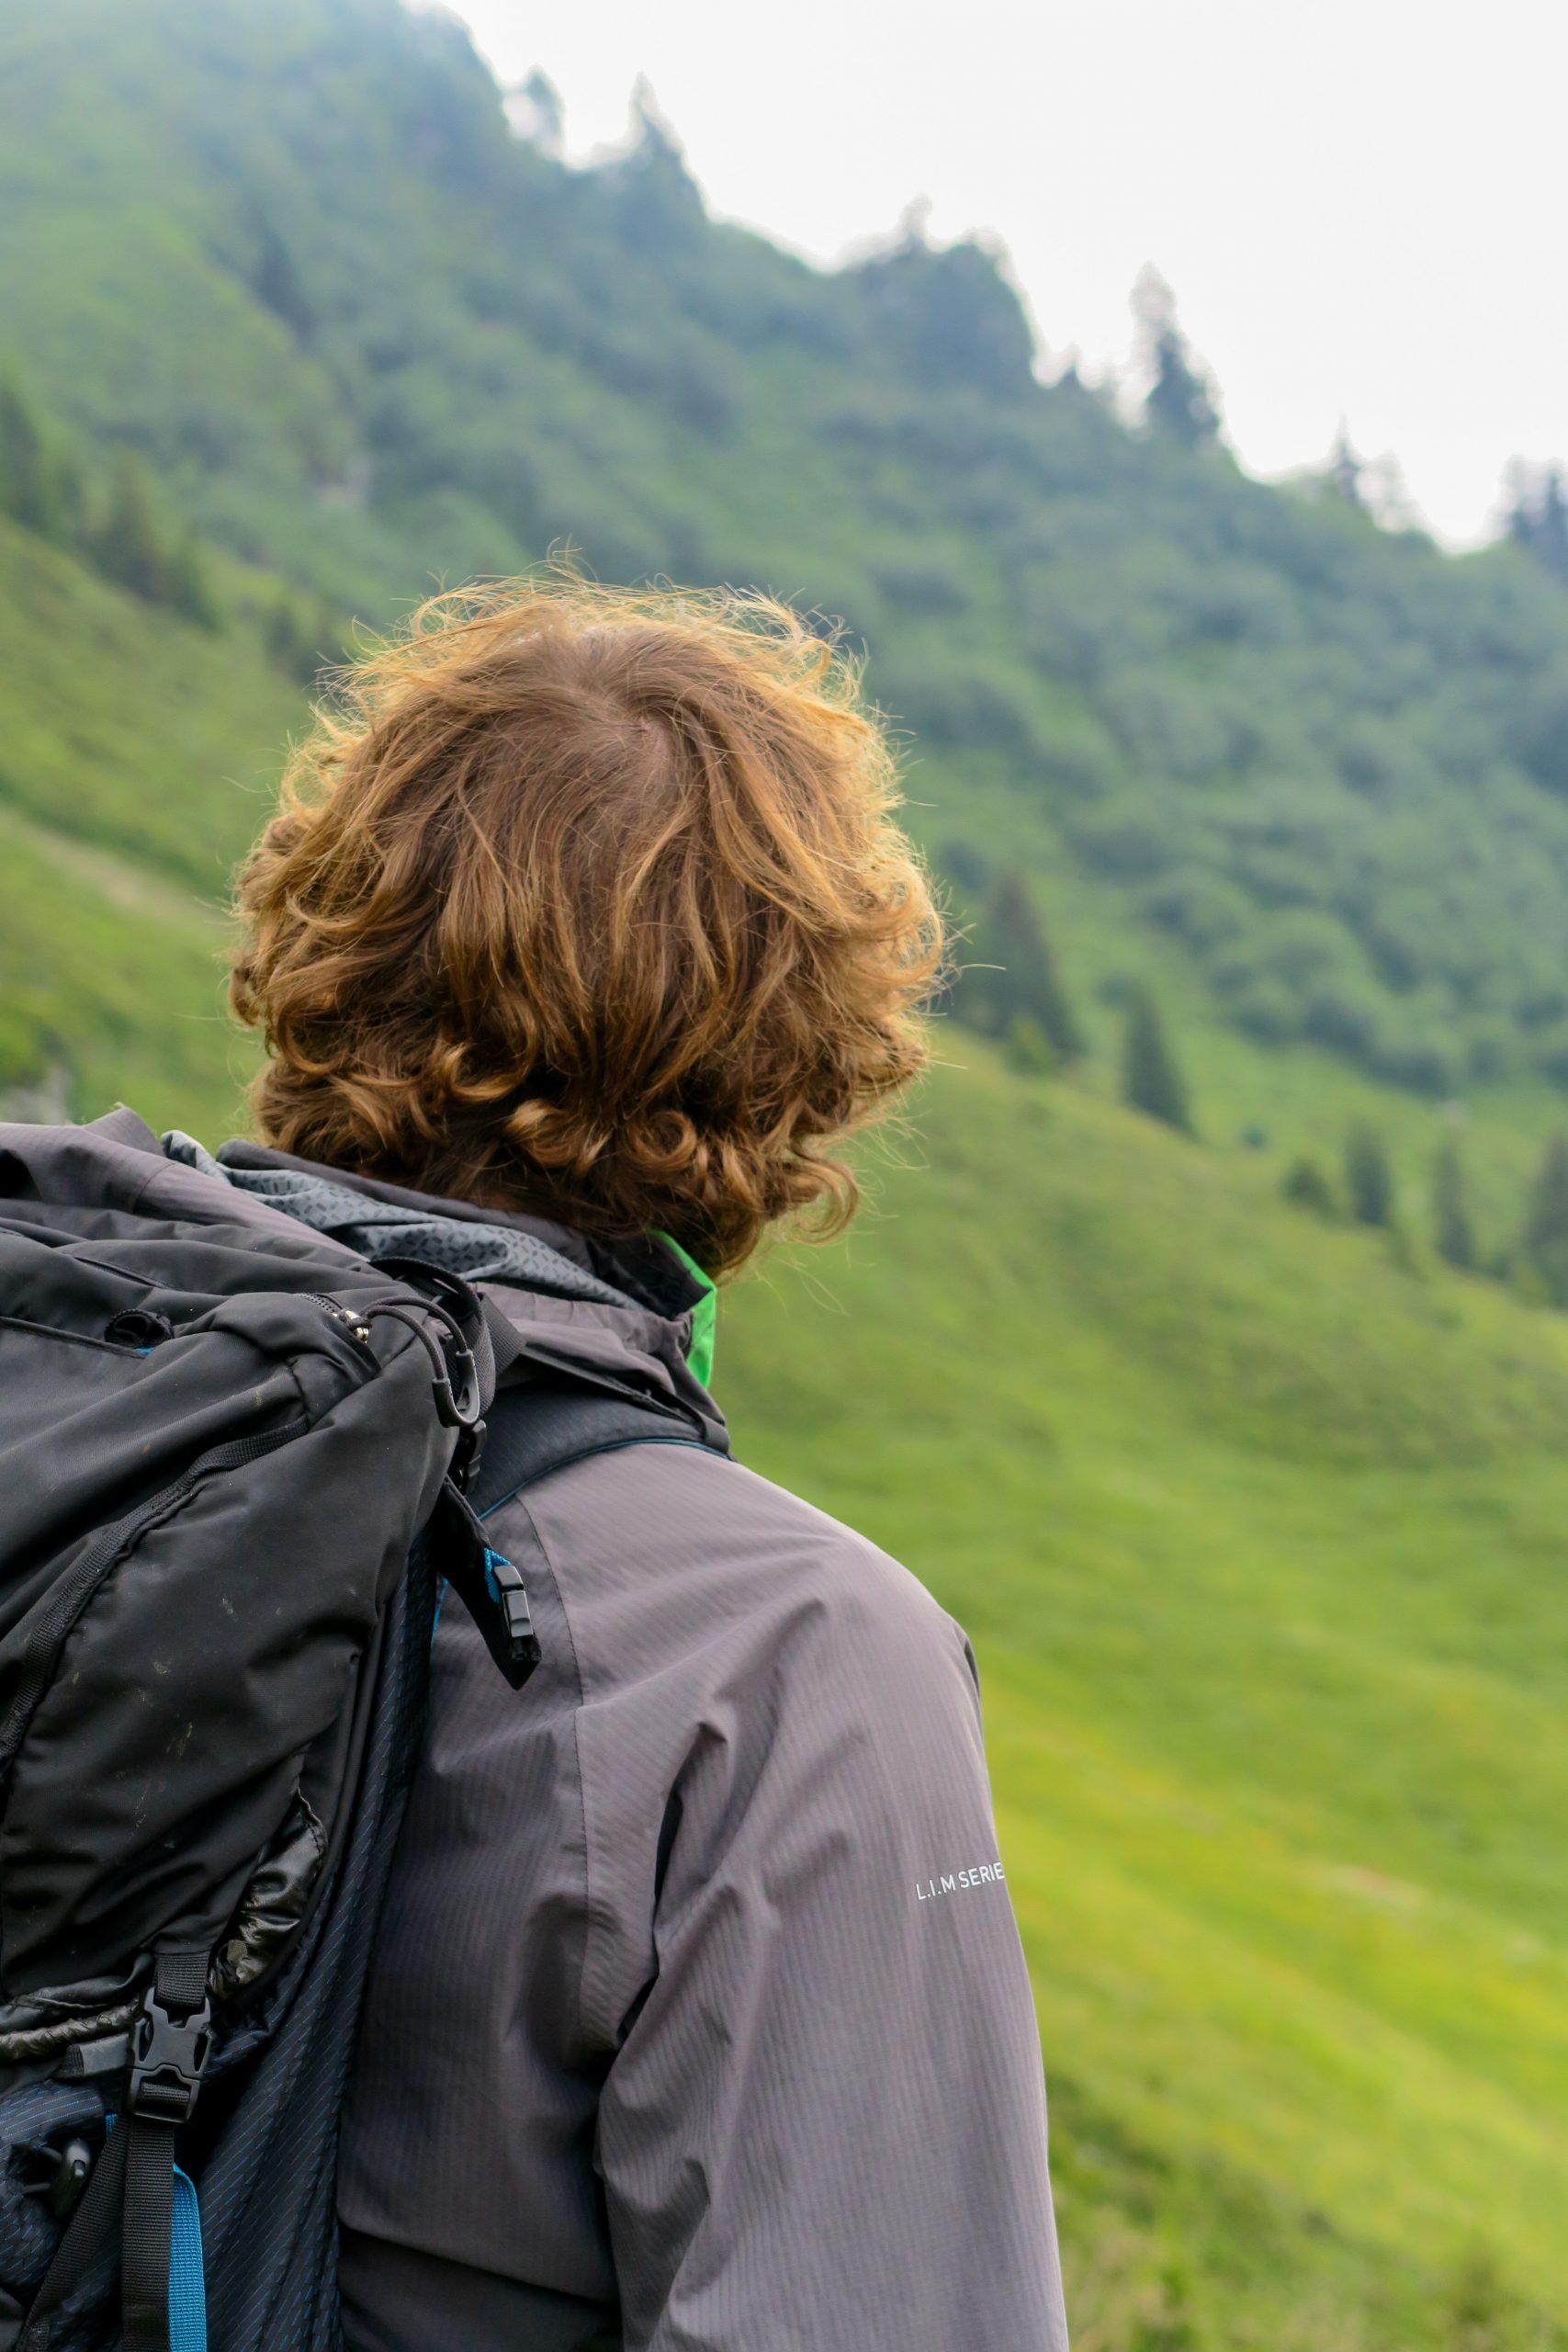 olivier guide de montagne pays albertville